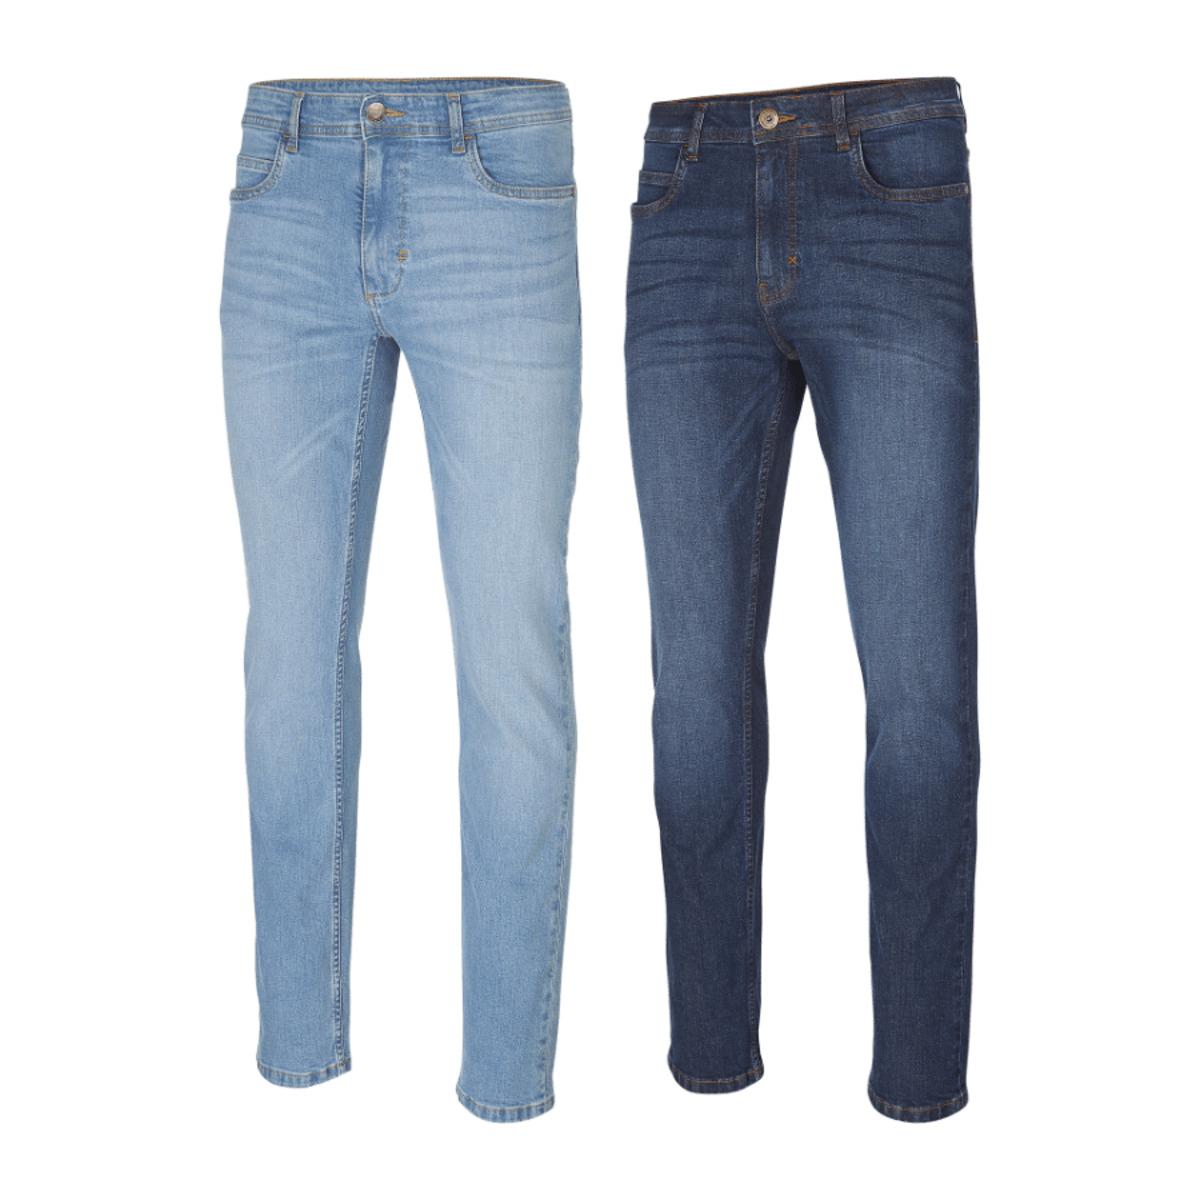 Bild 1 von STRAIGHT UP     Jeans, laser finished